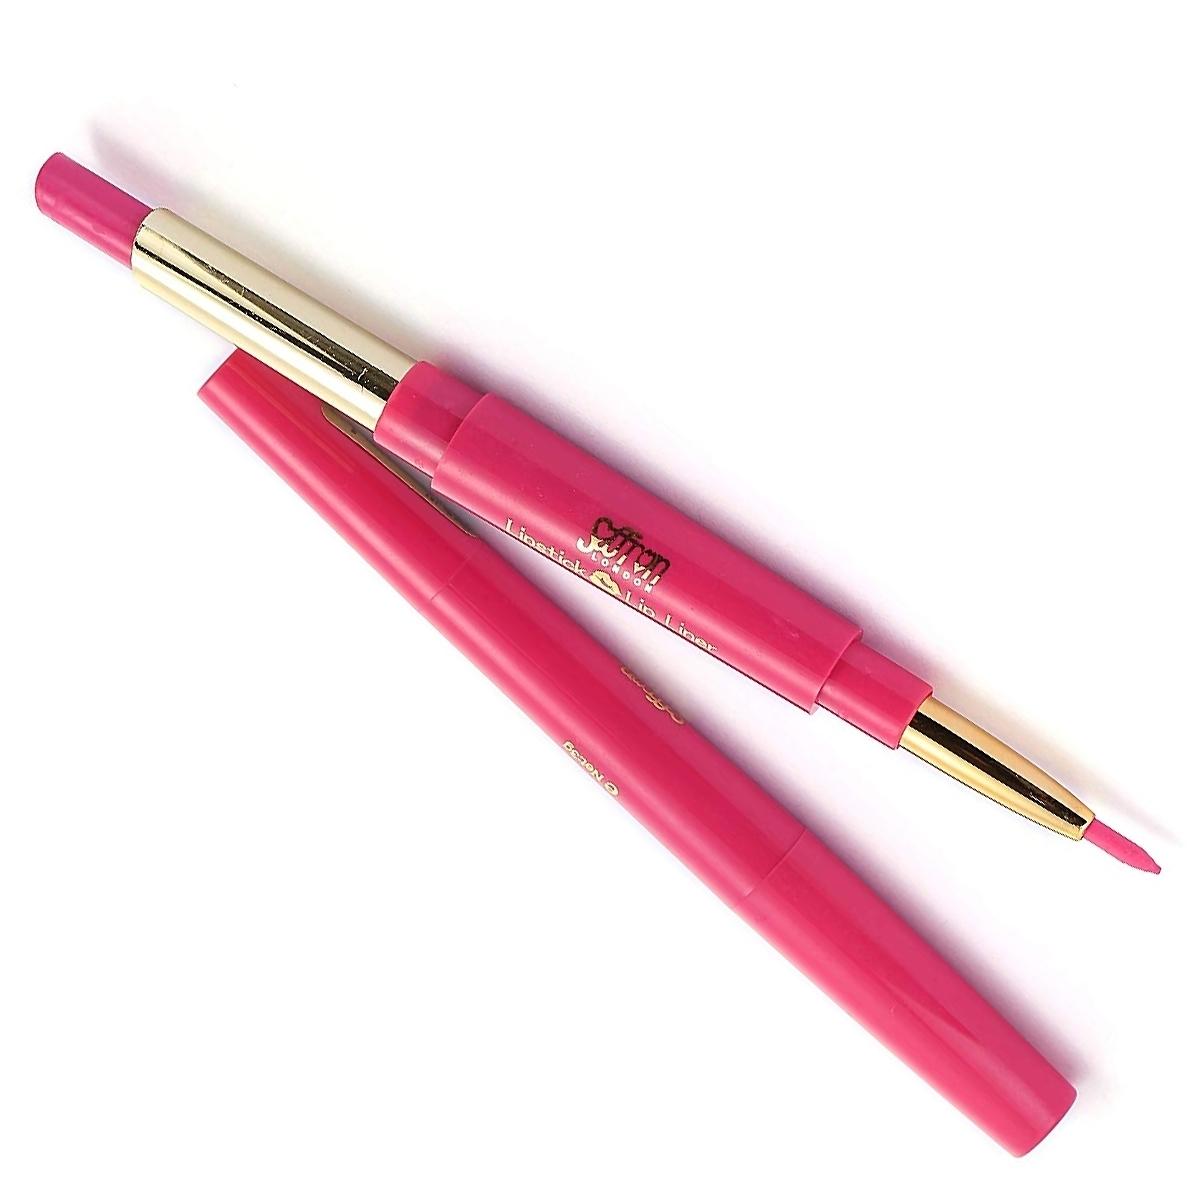 Saffron-London-Lipstick-amp-Lip-Liner-Twist-Up-Creamy-Duo-Makeup-Multi-Colour thumbnail 3